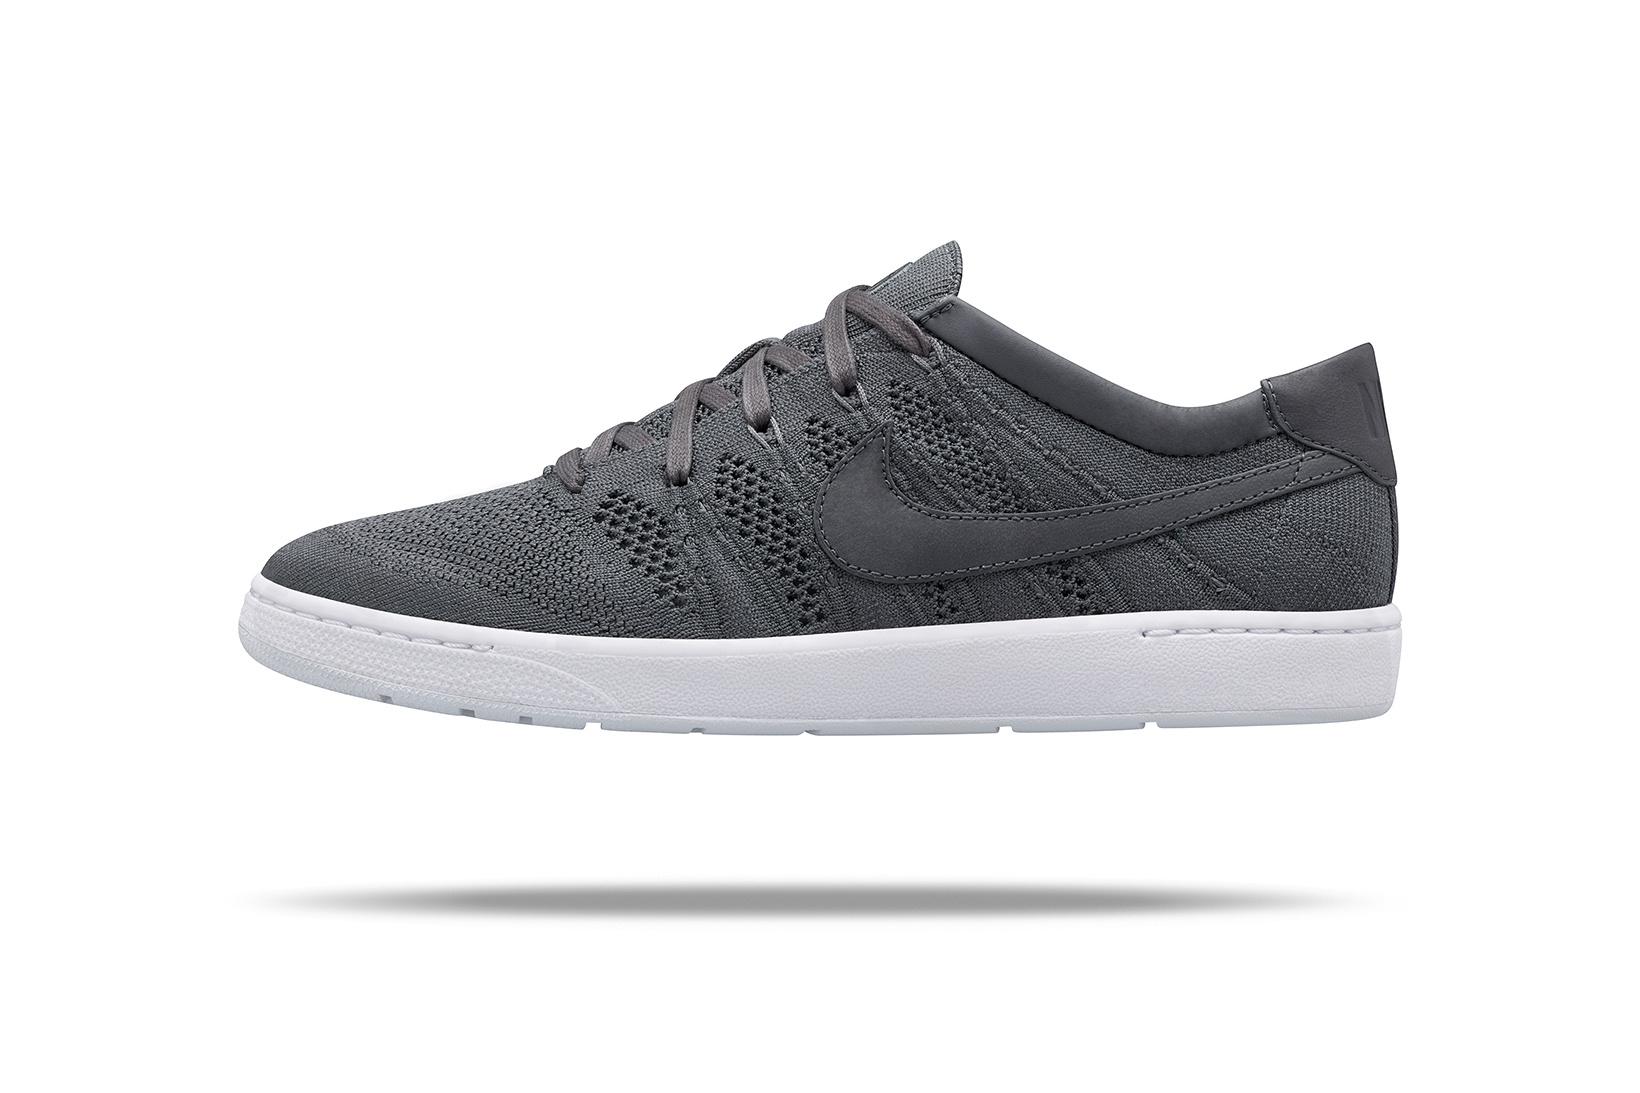 NikeCourt x Roger Federer dévoilent une nouvelle sneakers